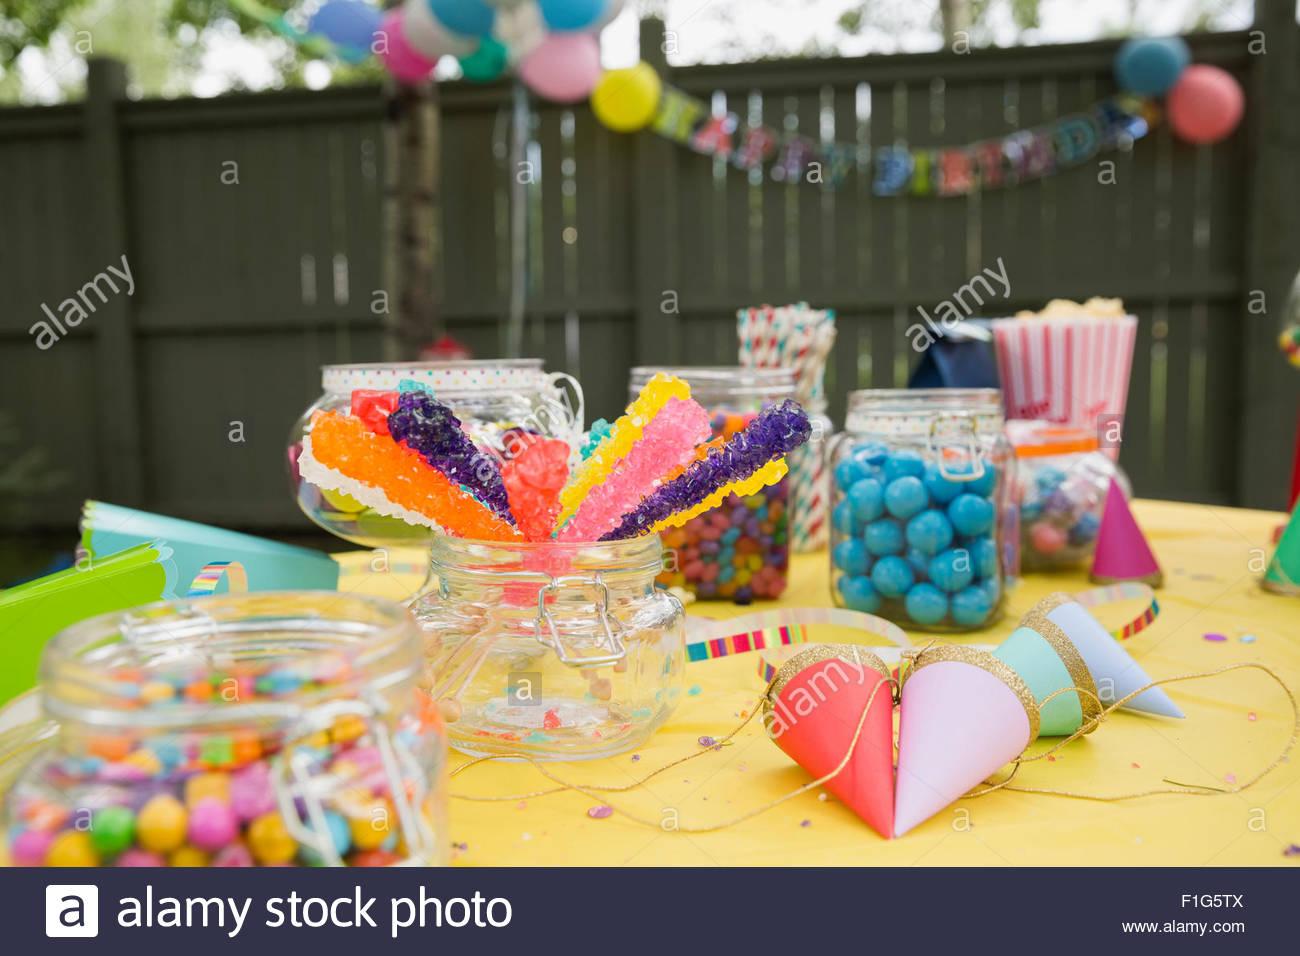 Caramelos gorros de fiesta en fiesta de cumpleaños de traspatio tabla Imagen De Stock